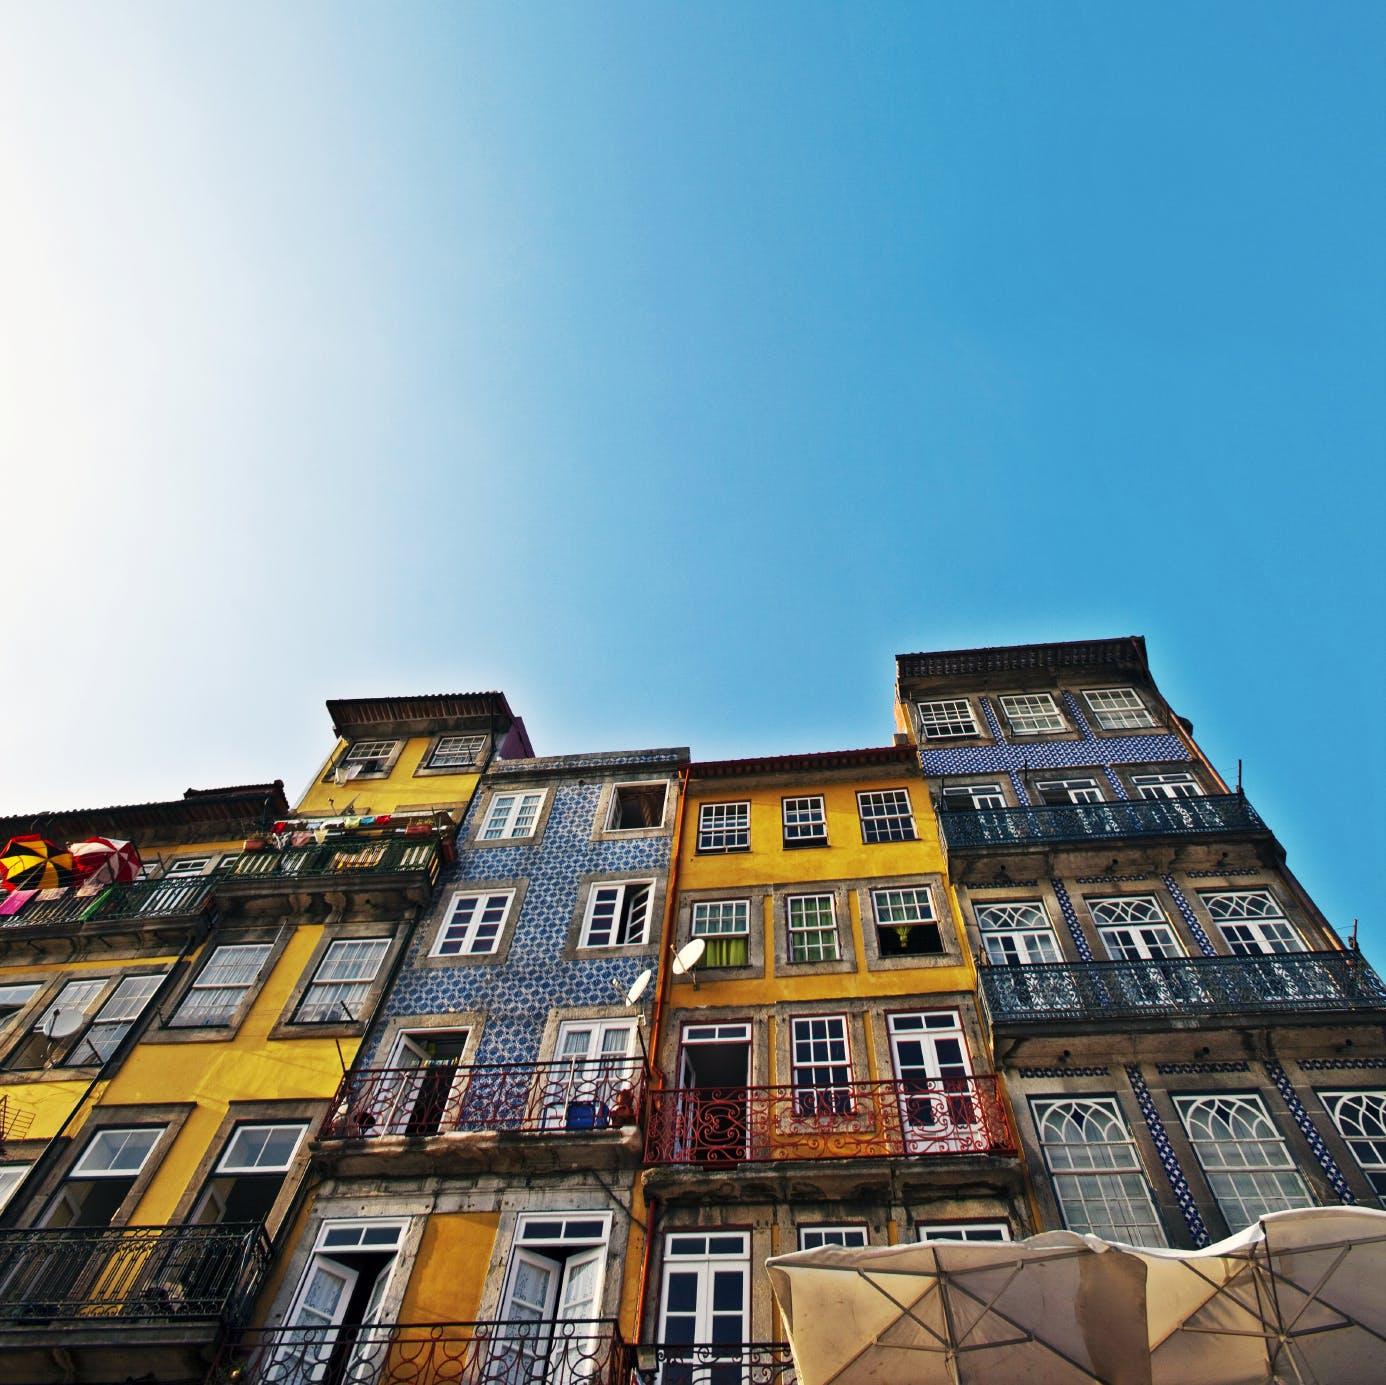 De kleurrijke gebouwen leveren sowieso leuke foto's op!